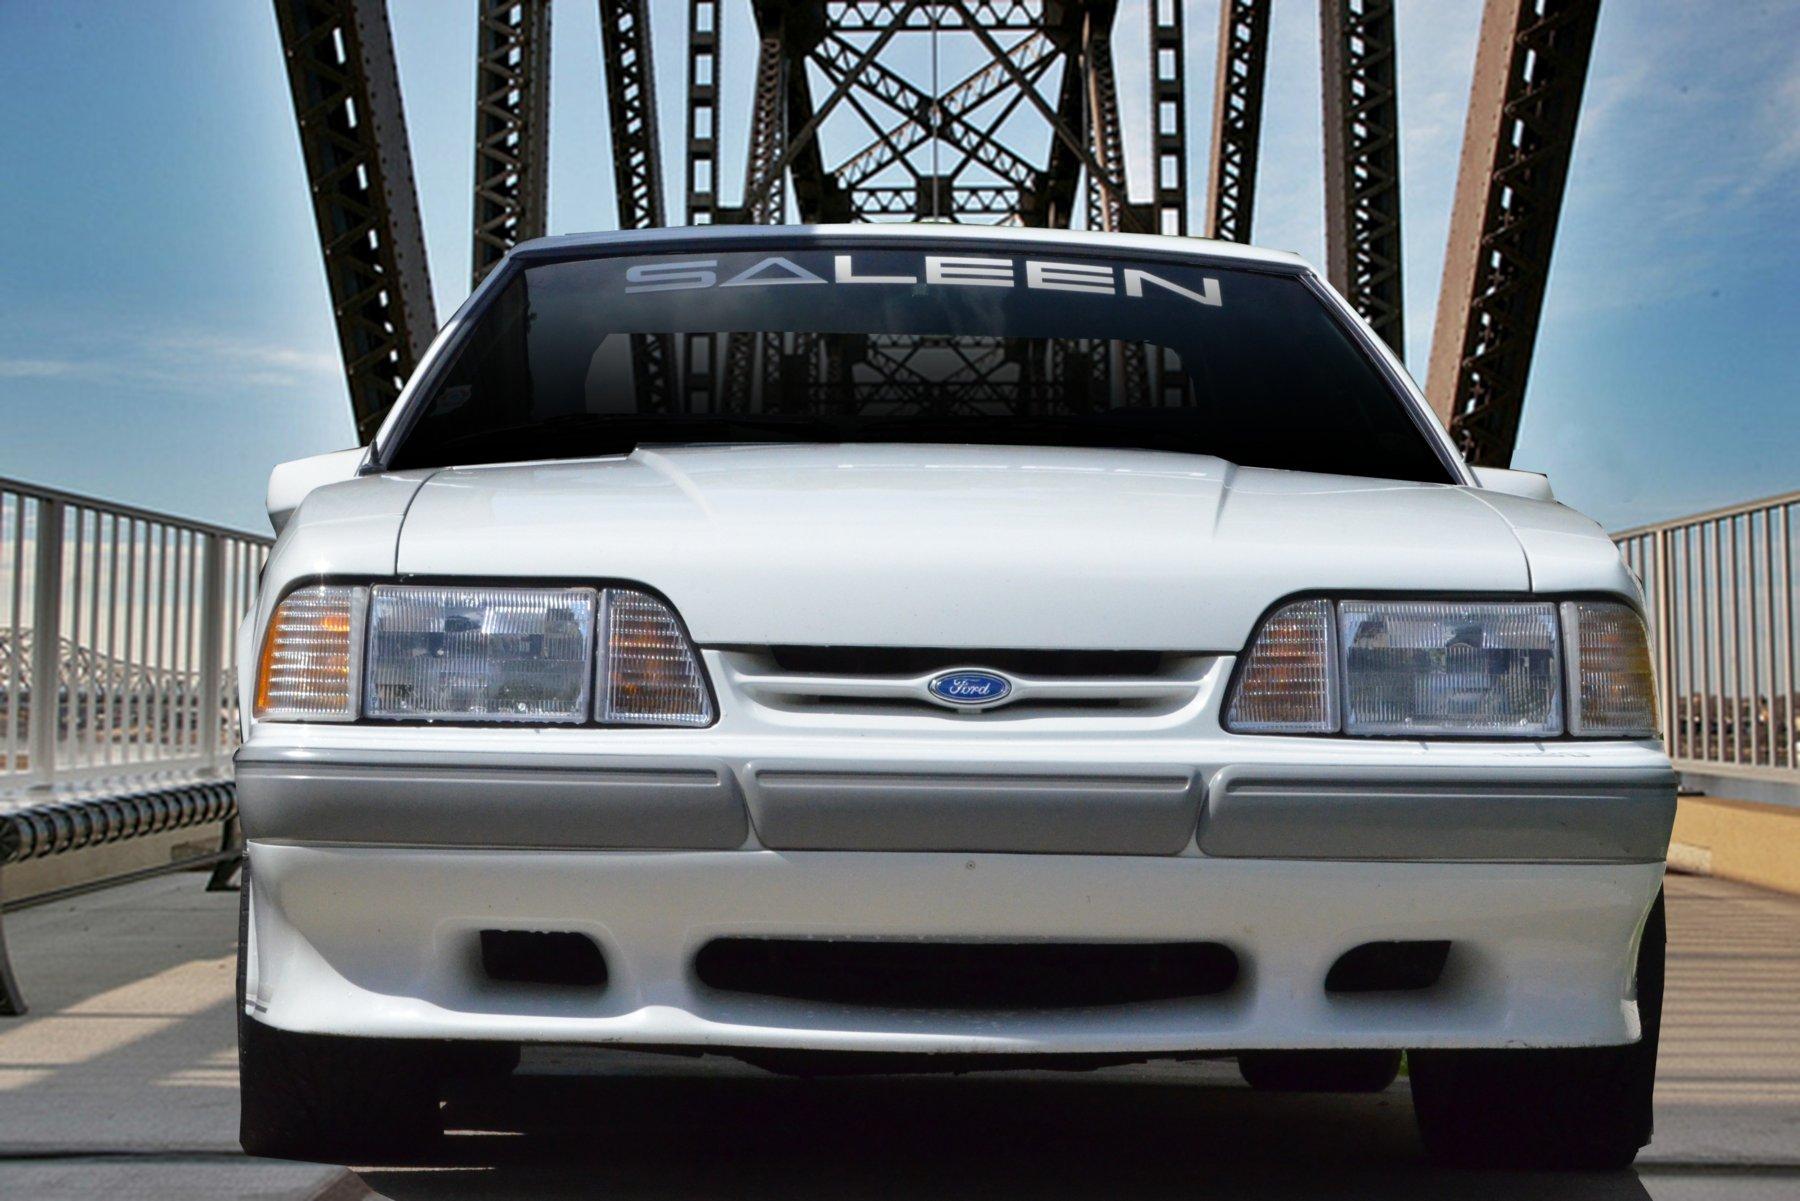 1989 Saleen SSC Mustang